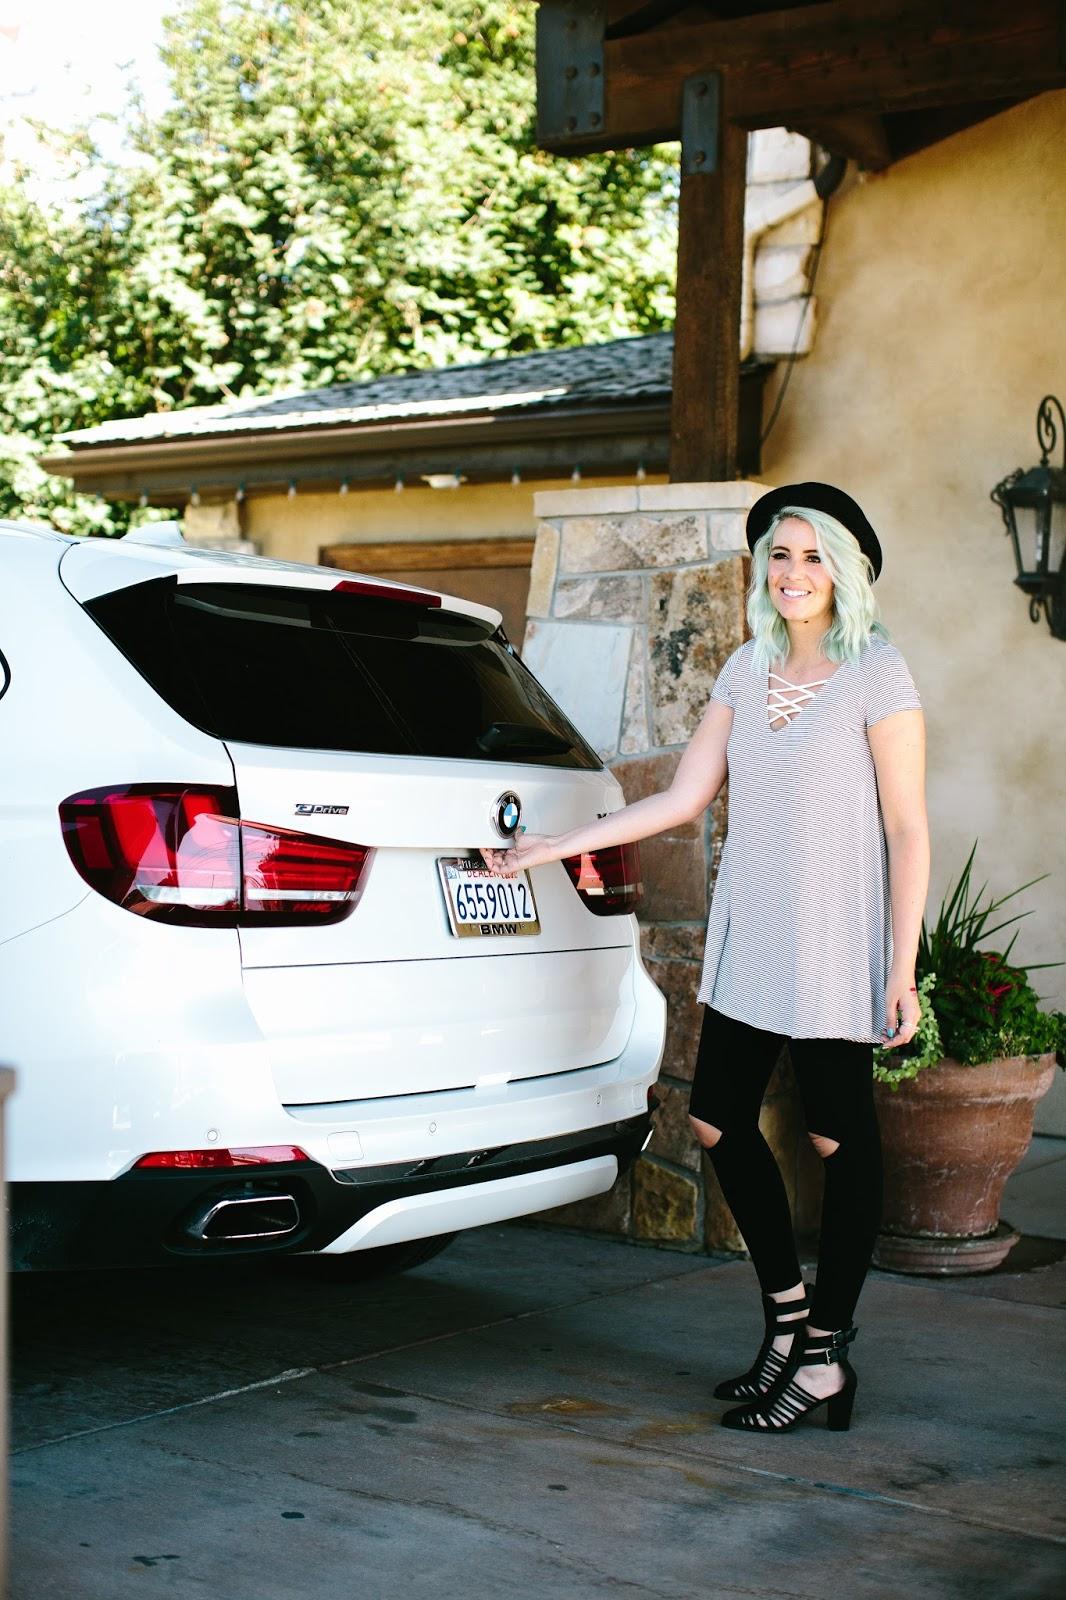 BMW Hybrid, BMW X5, White BMW